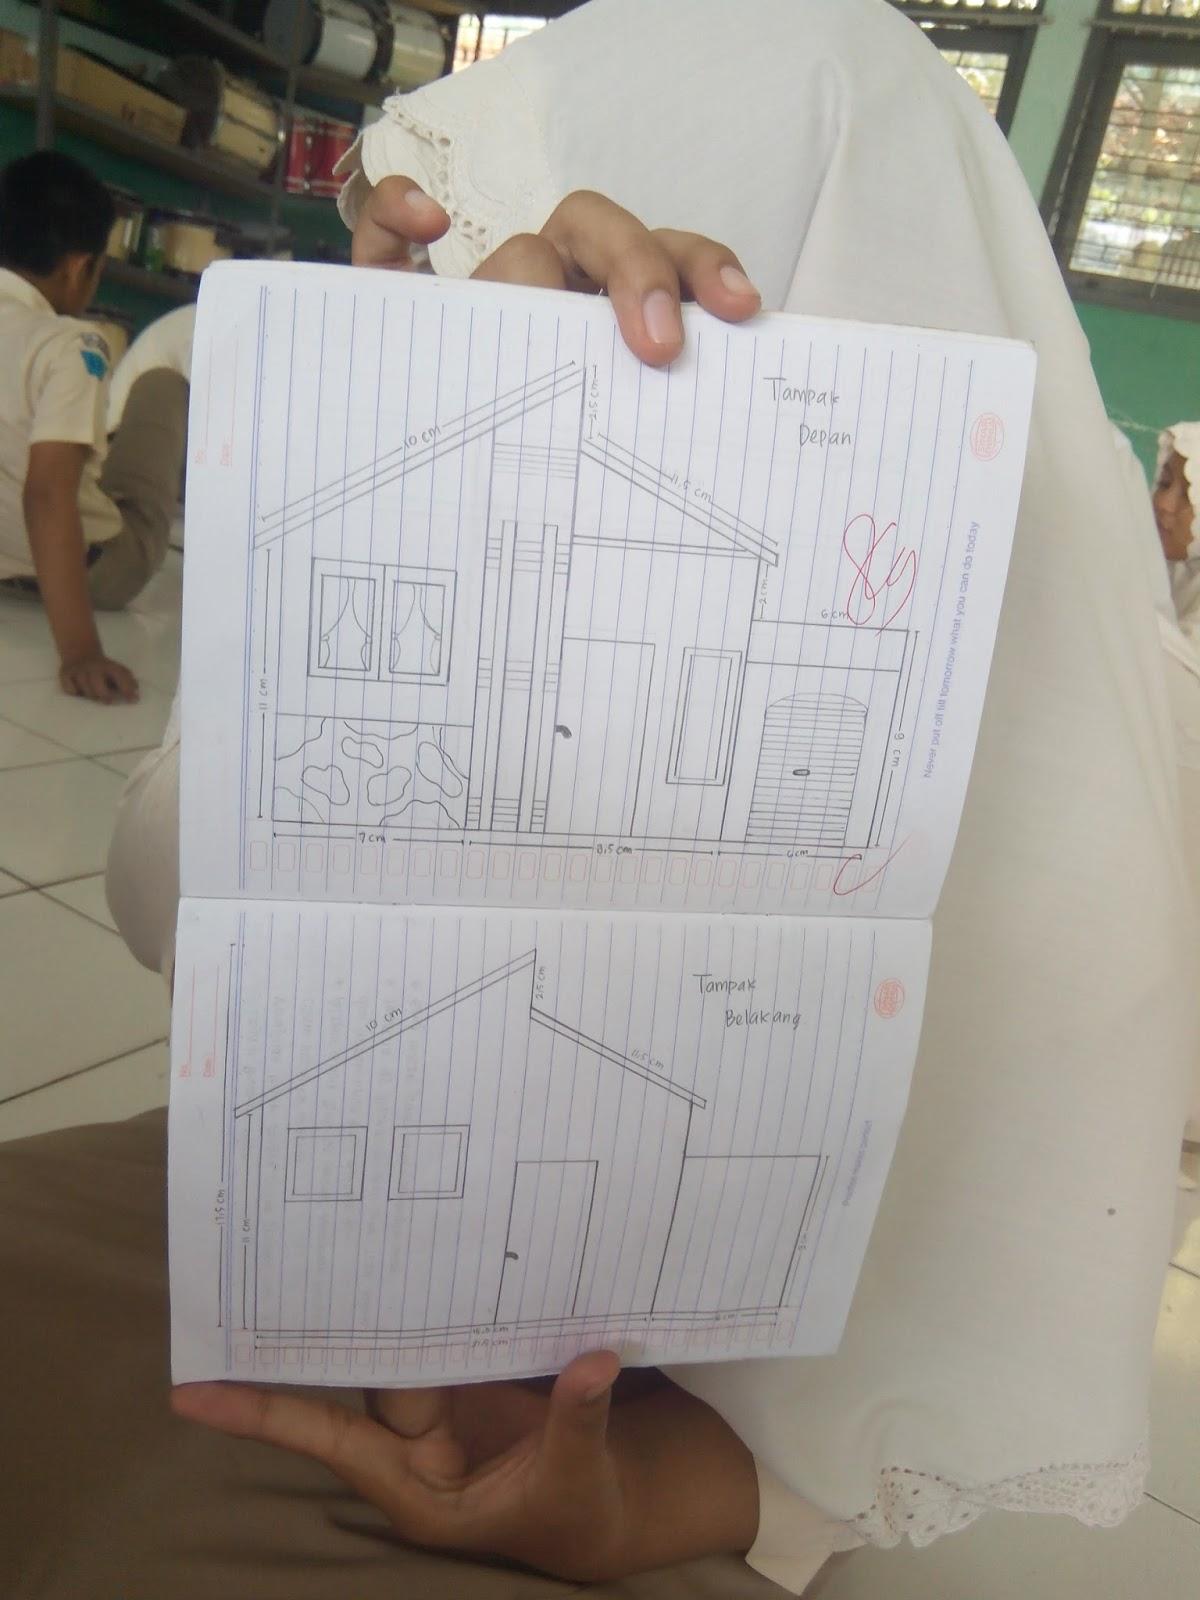 Alat Dan Bahan Untuk Membuat Miniatur Rumah Harus Disiapkan Berdasarkan : bahan, untuk, membuat, miniatur, rumah, harus, disiapkan, berdasarkan, PRAKARYA, SEKOLAH, MENENGAH, SETIAP, BELAJAR, BERKARYA